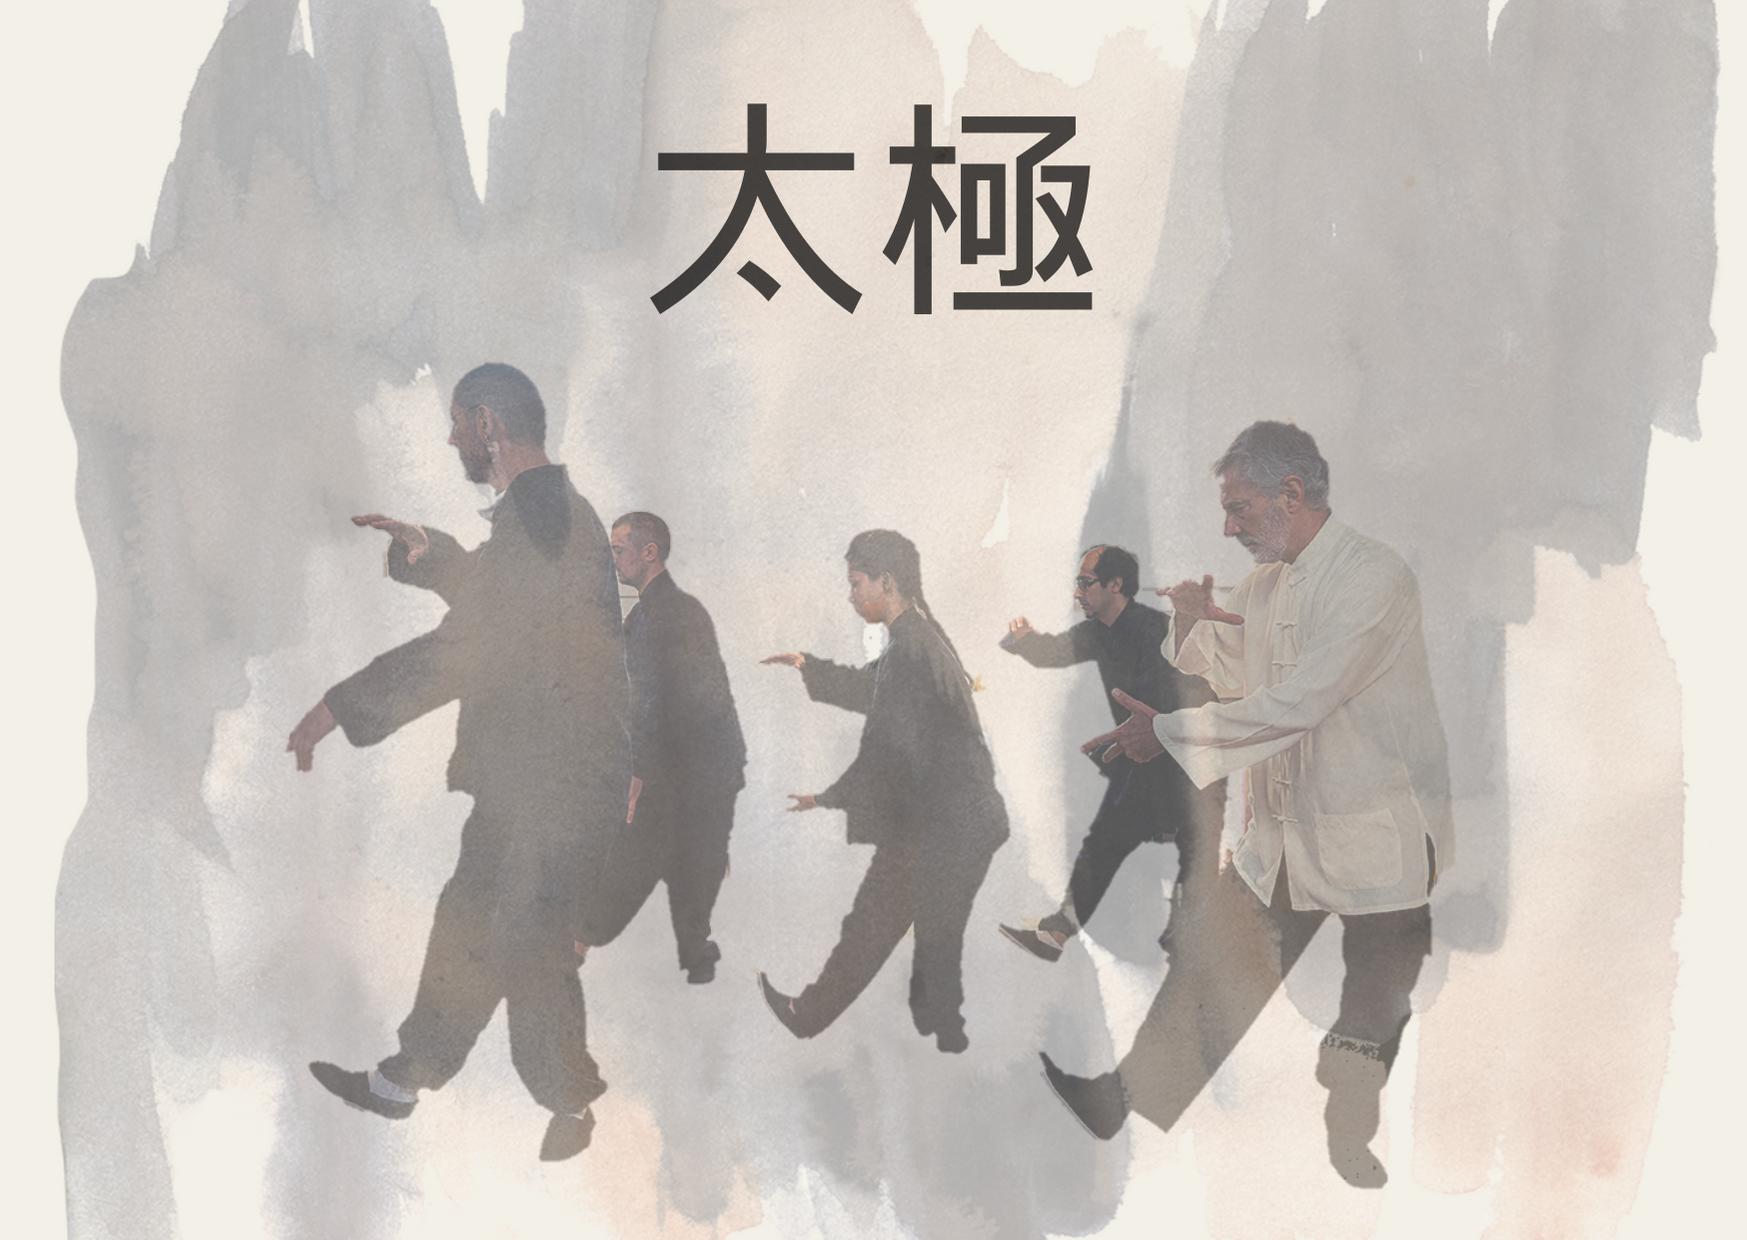 Tài Jí  太極, come il fluire dell'acqua